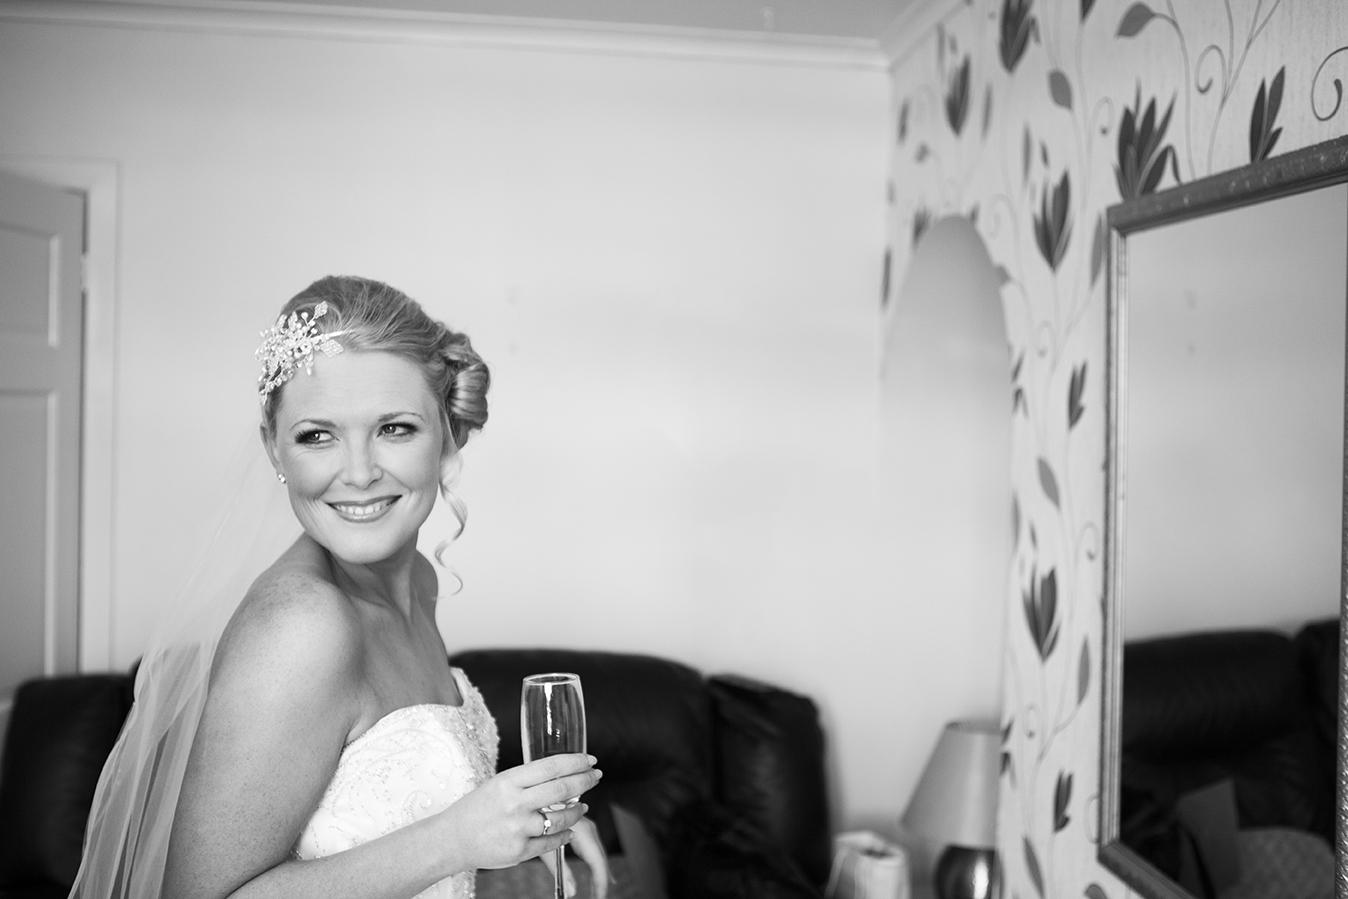 scottish-wedding-photographer-south-lanarkshire